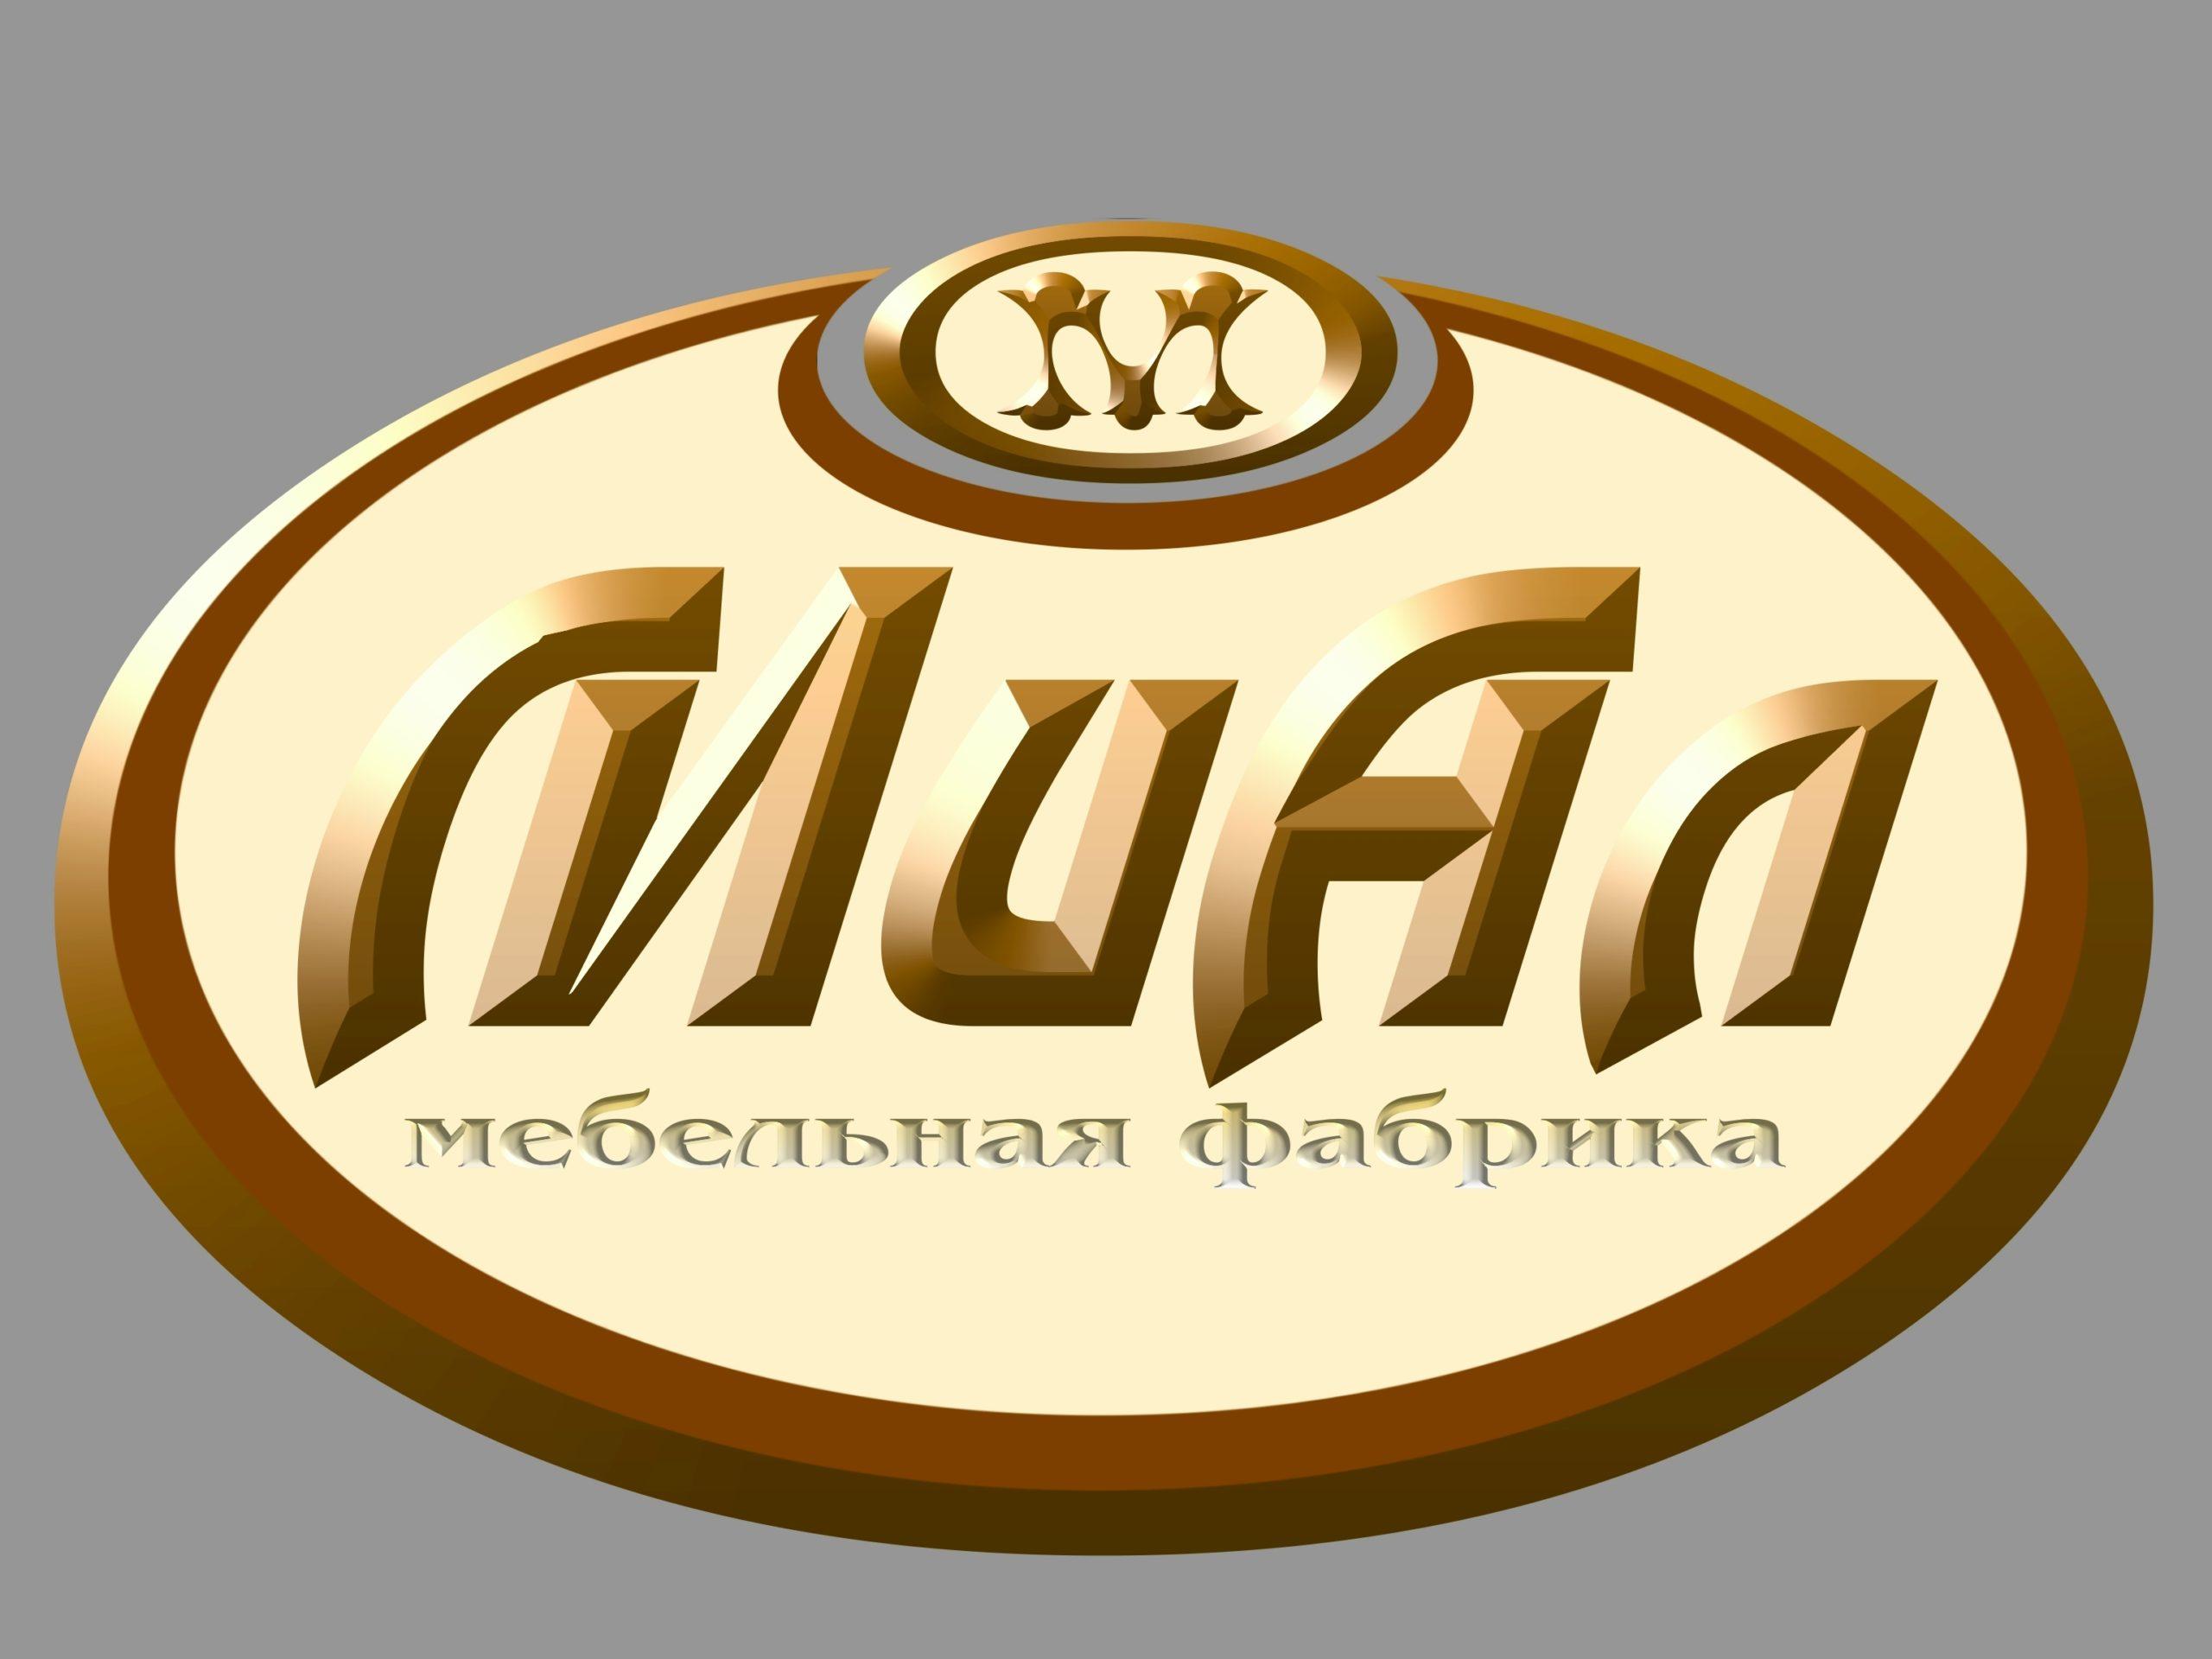 Индивидуальный предприниматель Матвиенко Михаил Павлович, ИНН 234500148769